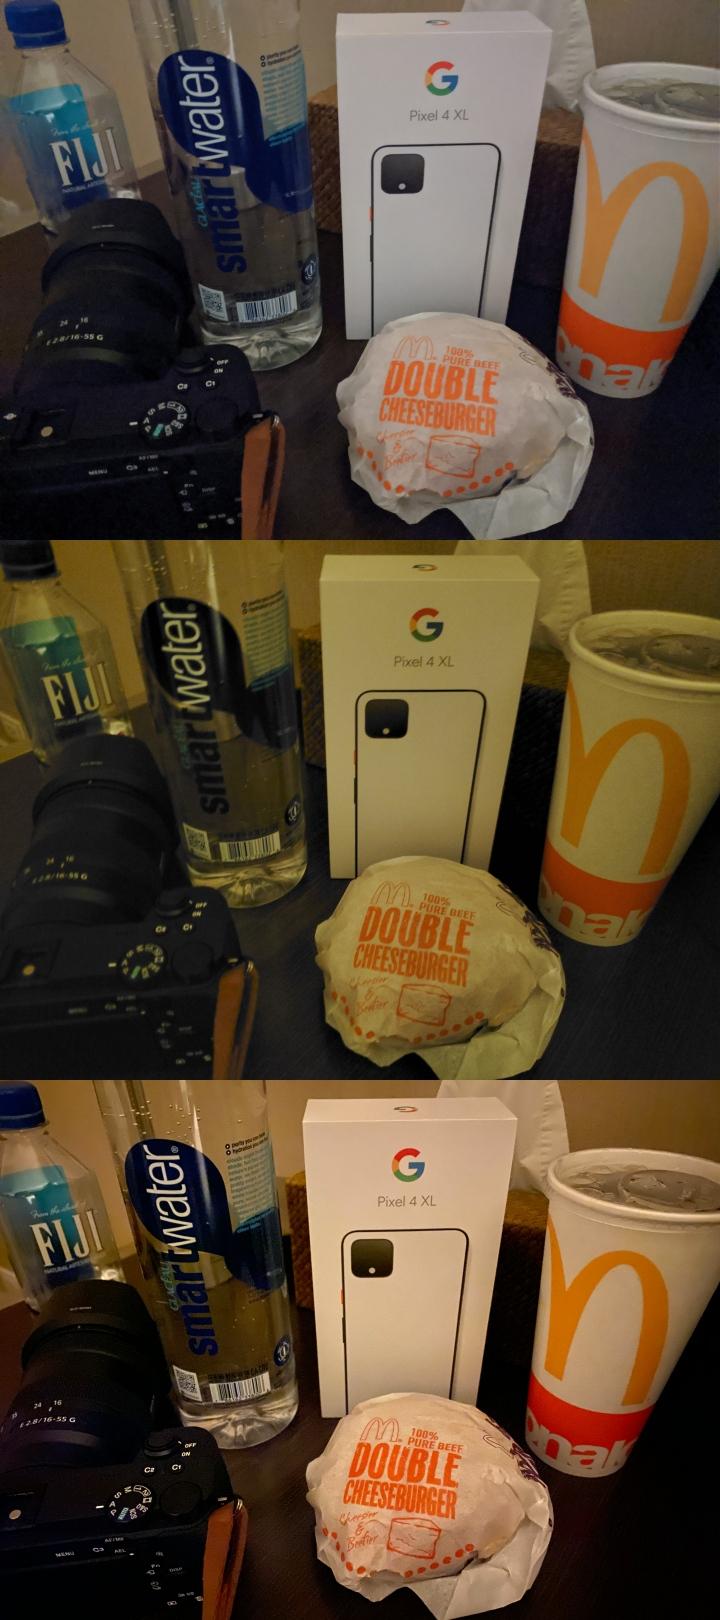 照片排序上至下為 Google Pixel 4 XL、Samsung Galaxy Note10+、iPhone 11 Pro。